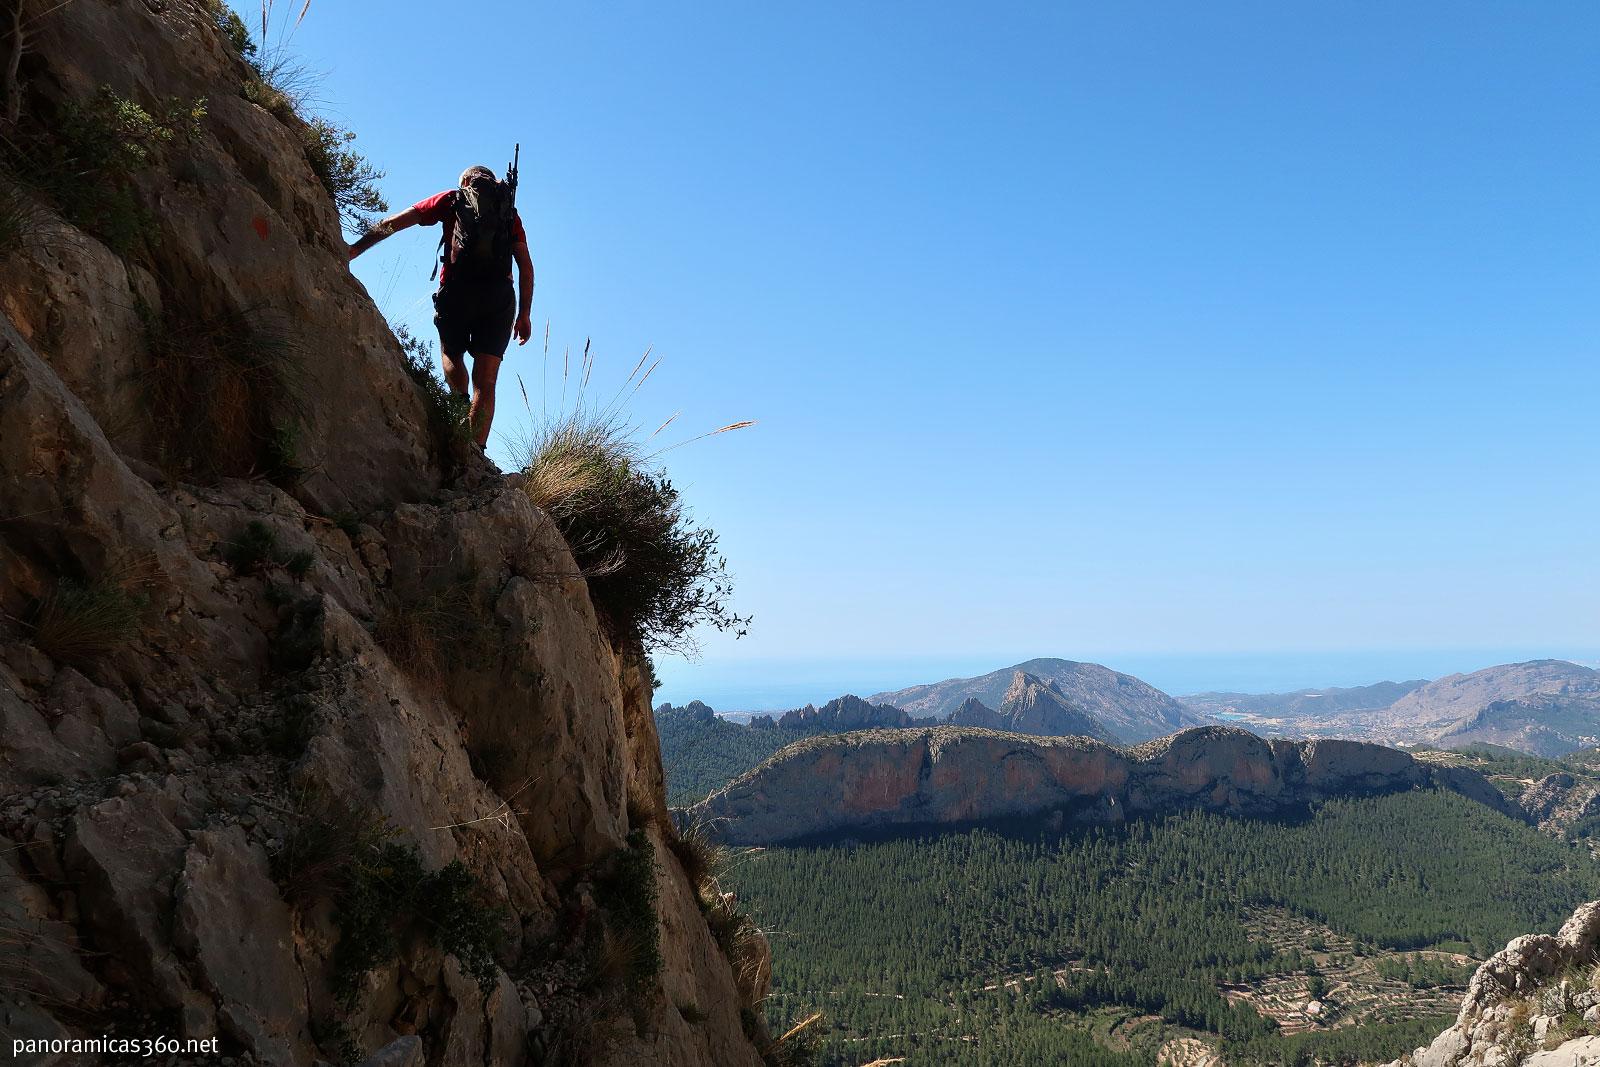 Romero en una de las trepas para subir al Peñón Divino